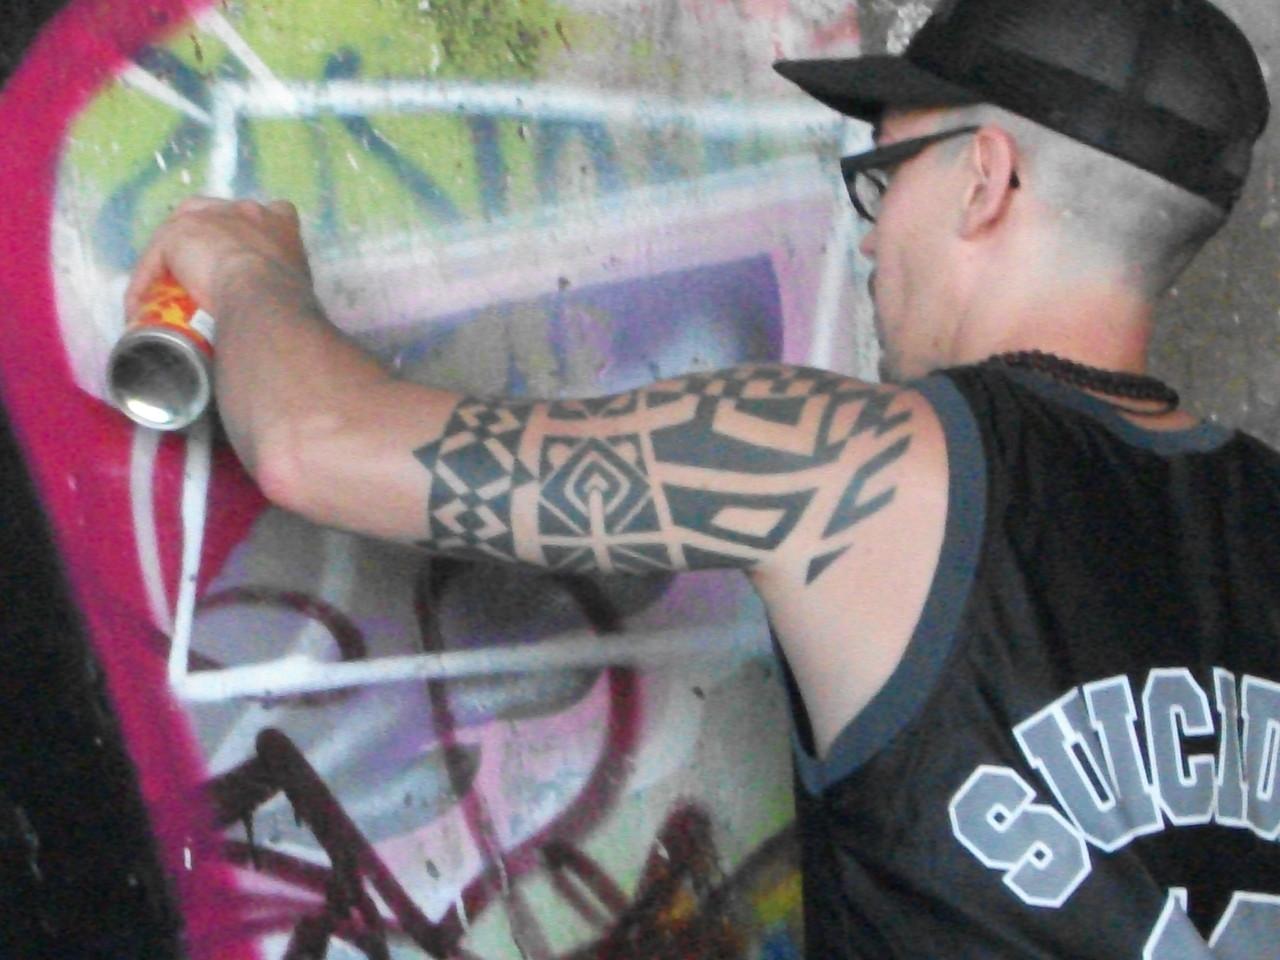 Graffiti-Künstler das Owal beim malen